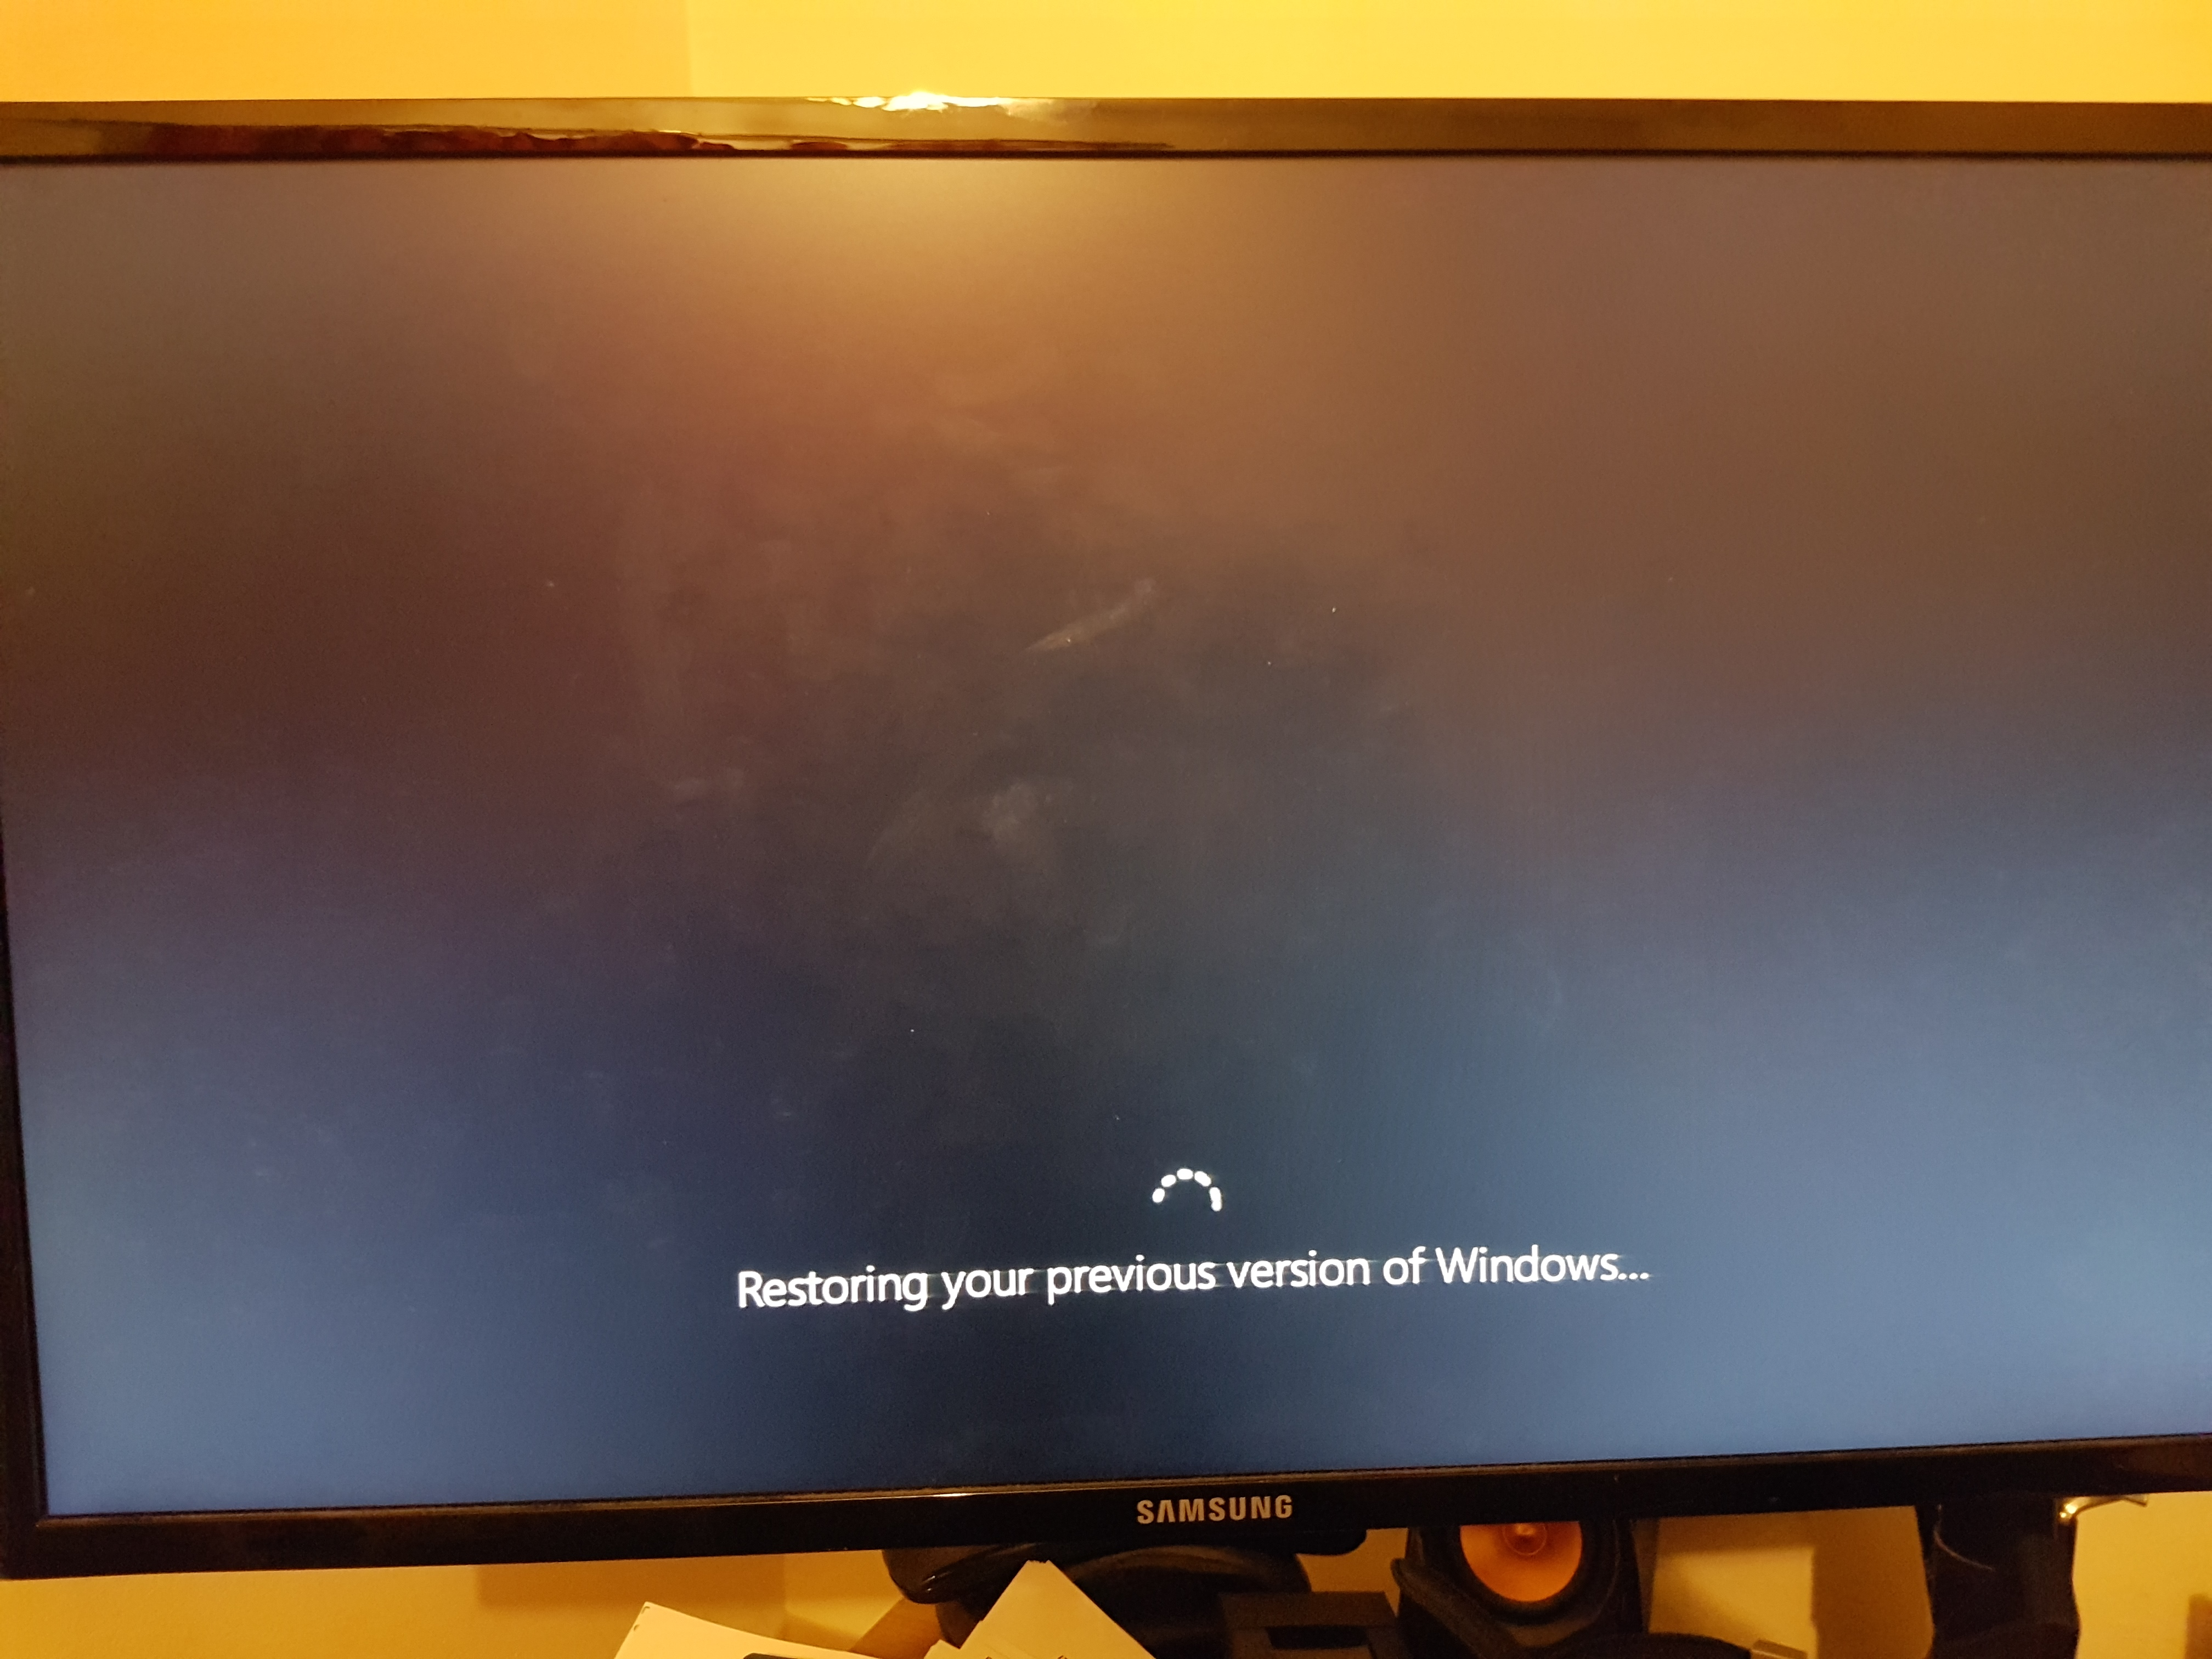 my windows 10 desktop computer won't boot after failed update